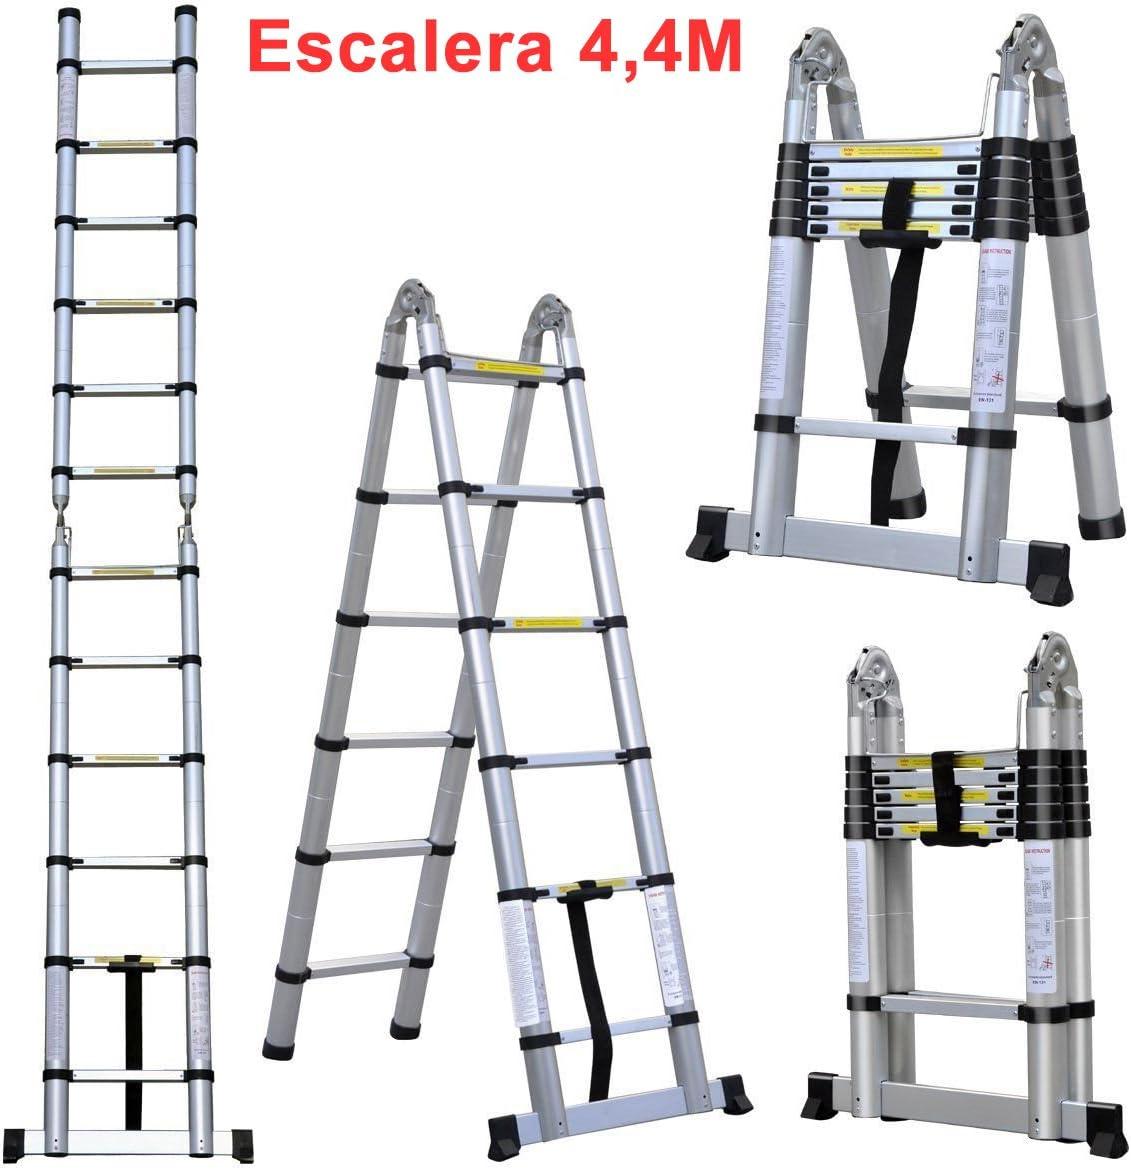 Grandmaster - Escalera de Telescopica de Aluminio 4,4M Multiuso Multifuncional Plegable - DLT707B: Amazon.es: Bricolaje y herramientas